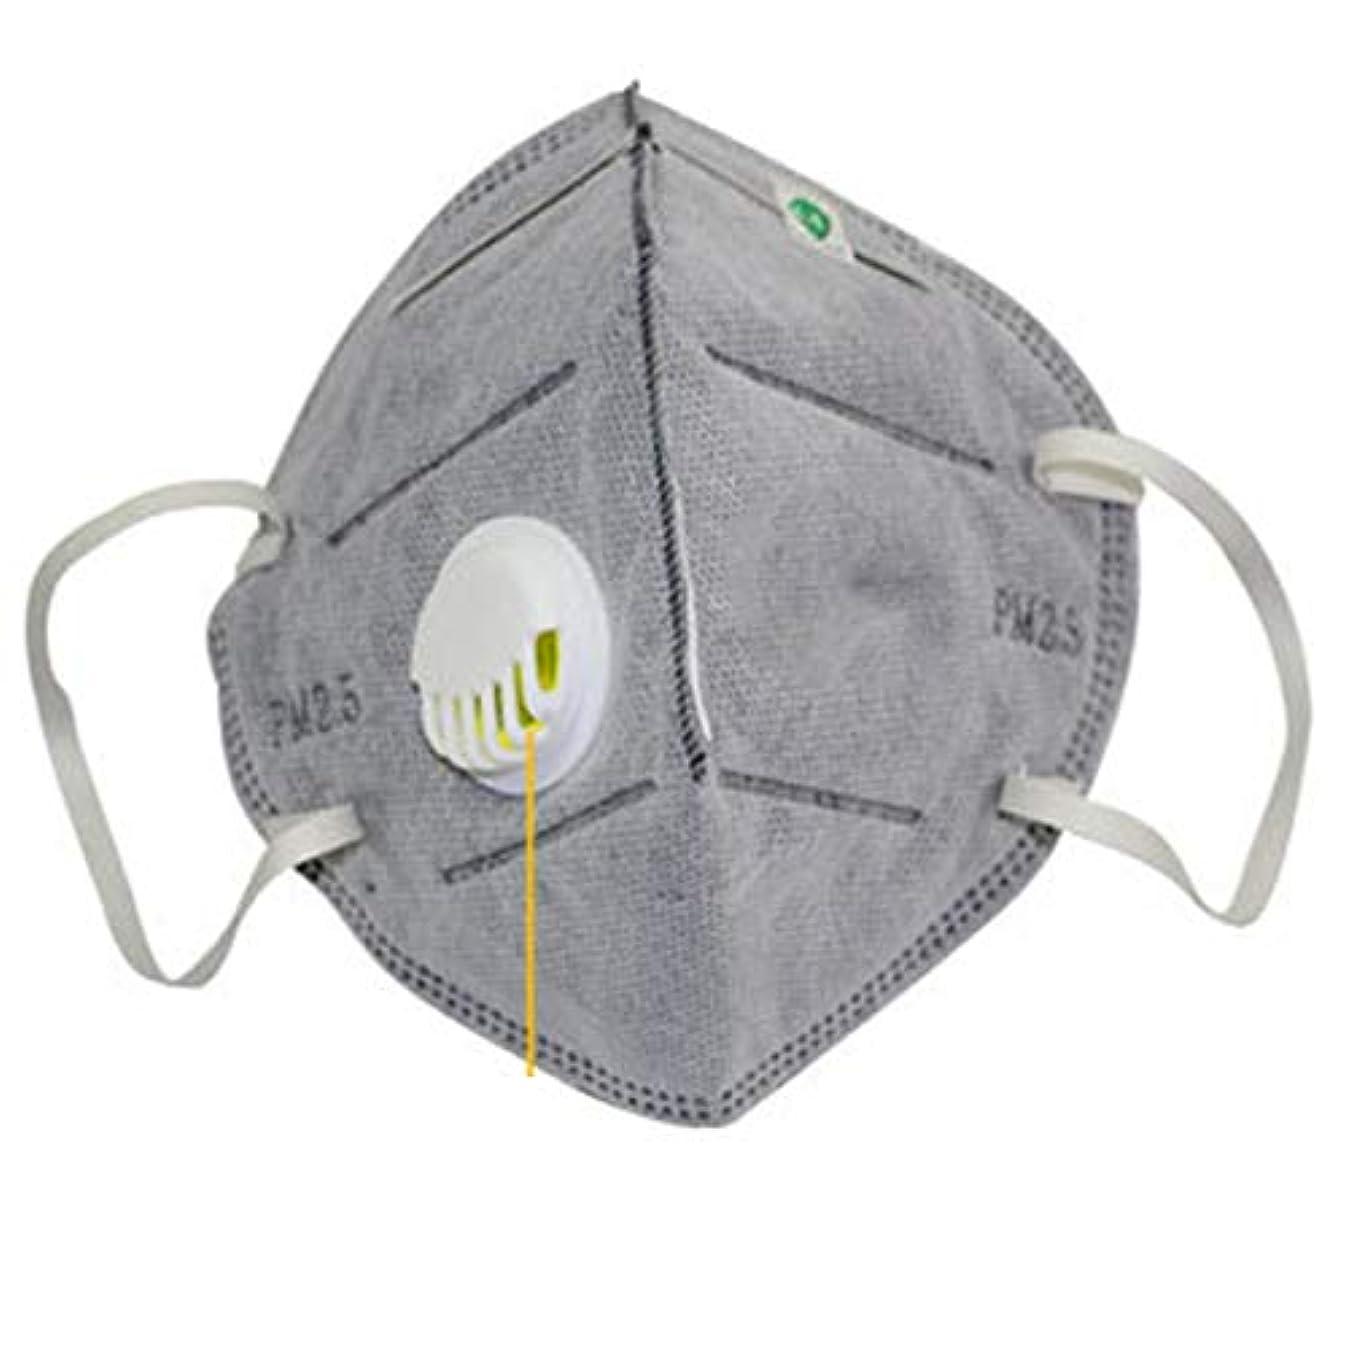 誤解を招く健康的ピンポイント男性と女性の健康と美容のパーソナルケア製品用の活性炭PM2.5防曇とヘイズ保護マスク (Panda) (色:白)